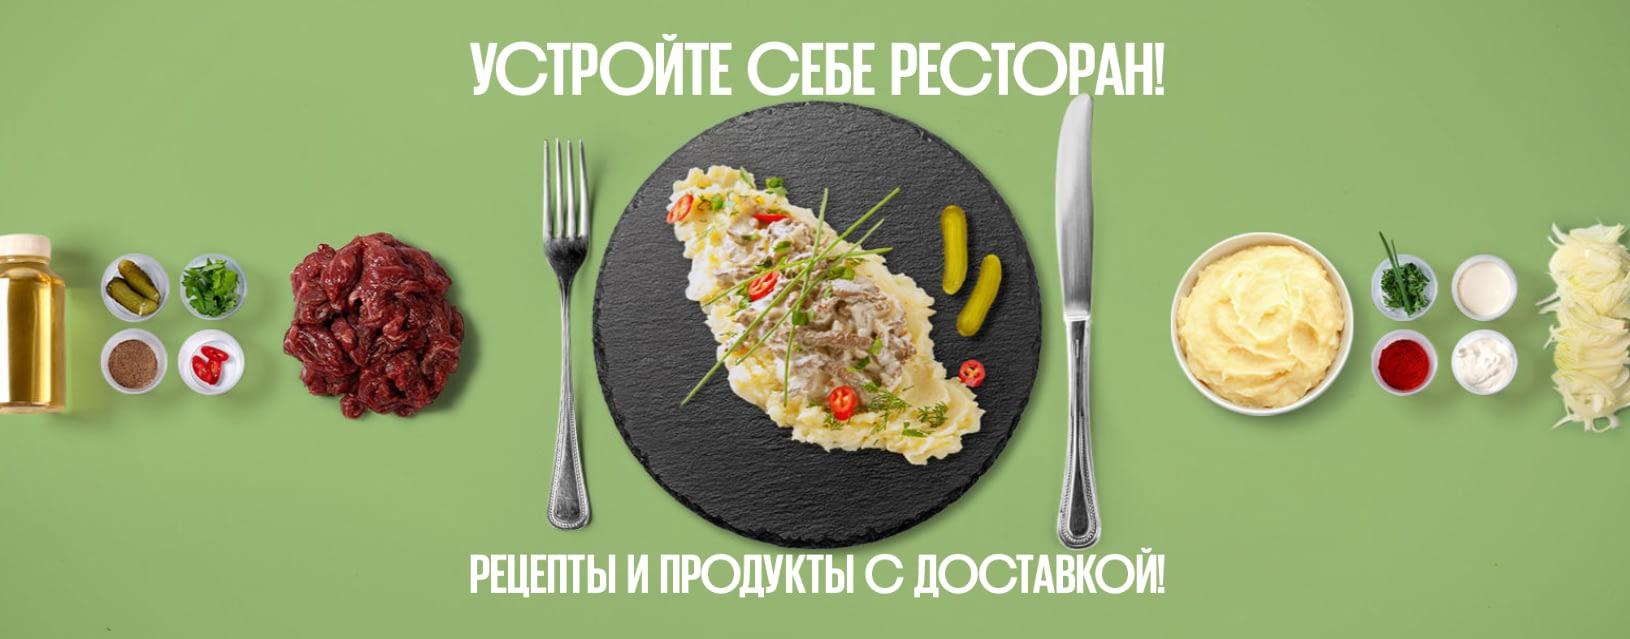 Кейс: Доставка еды из сети ресторанов в Москве